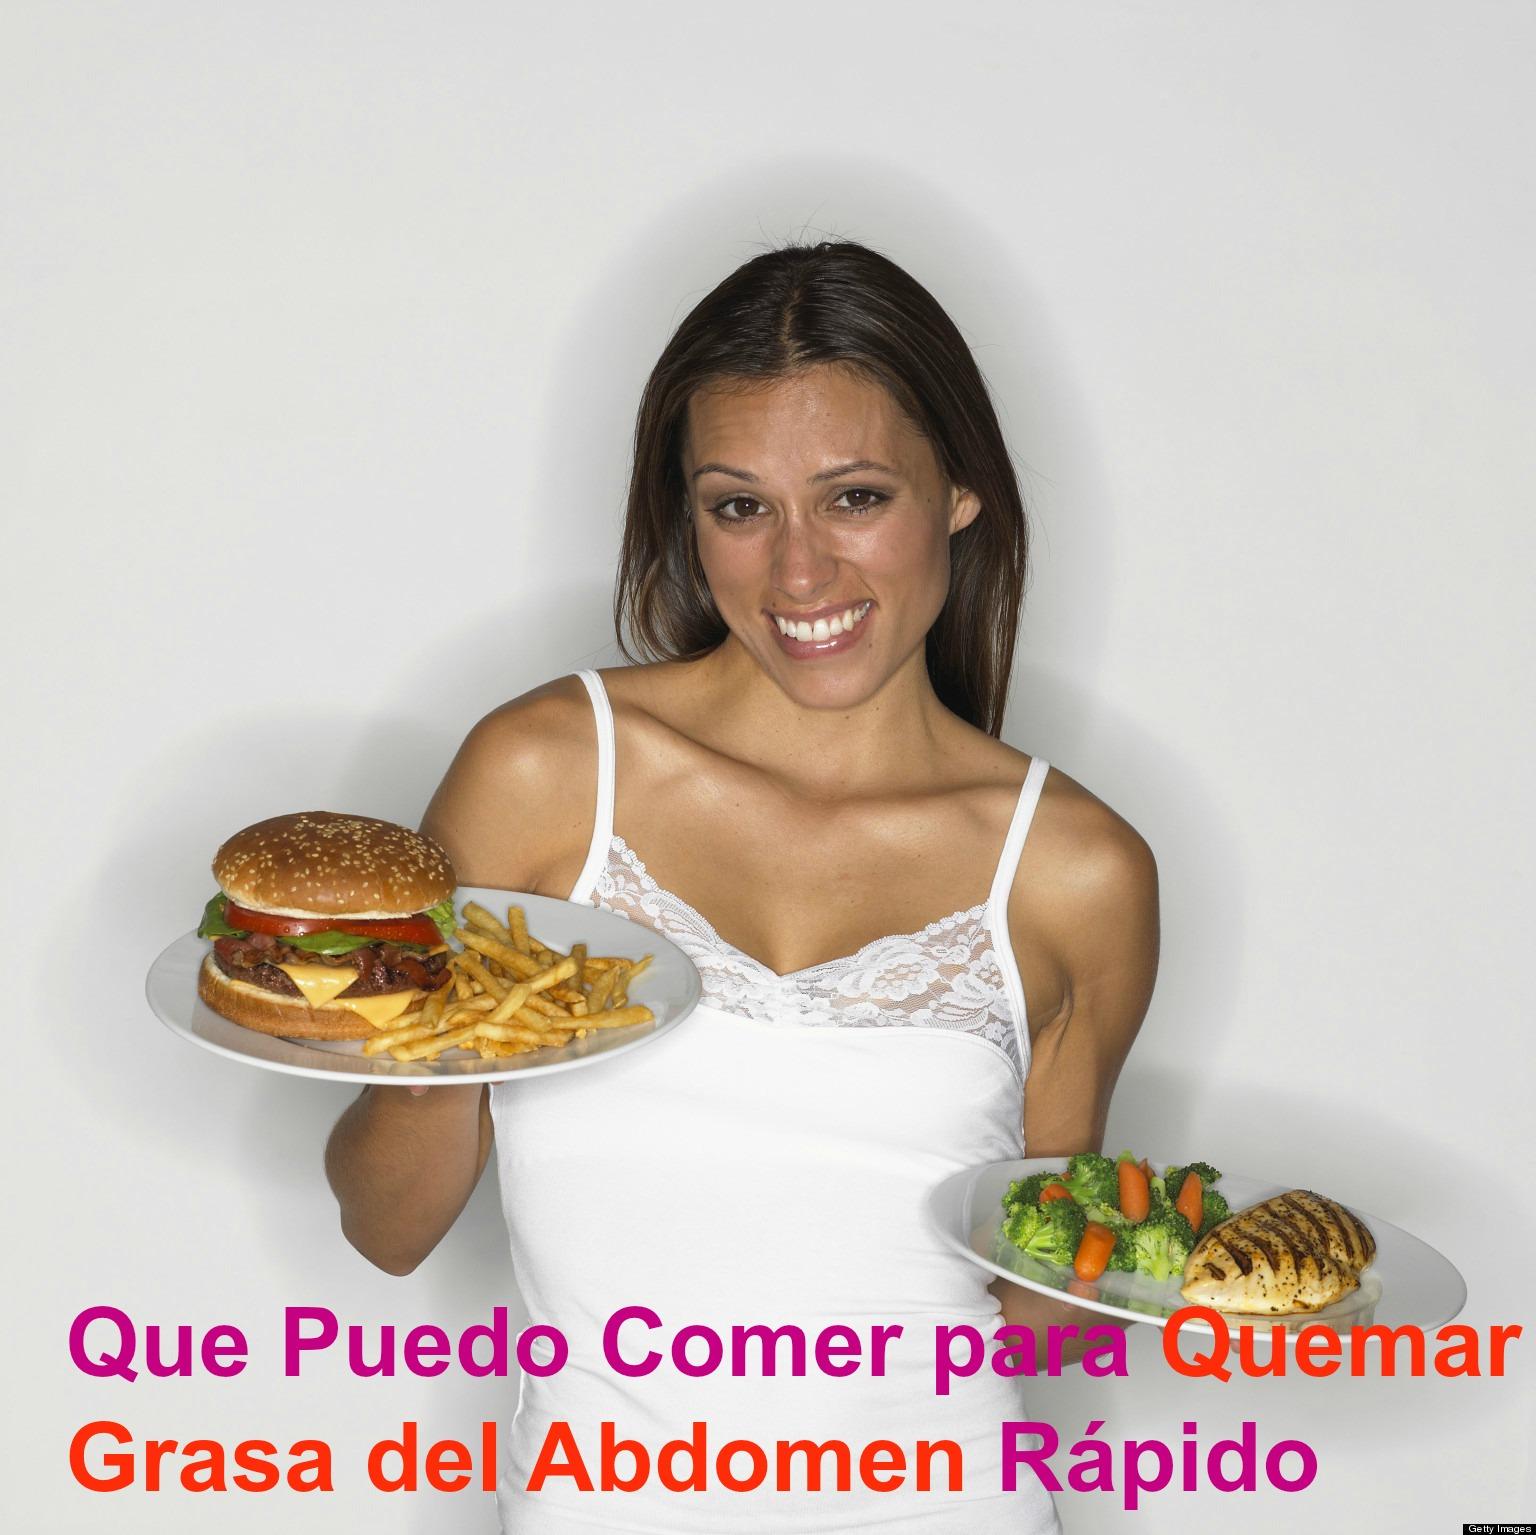 Qu comer para bajar de peso r pido desintegrar la grasa - Que cenar para perder peso rapido ...